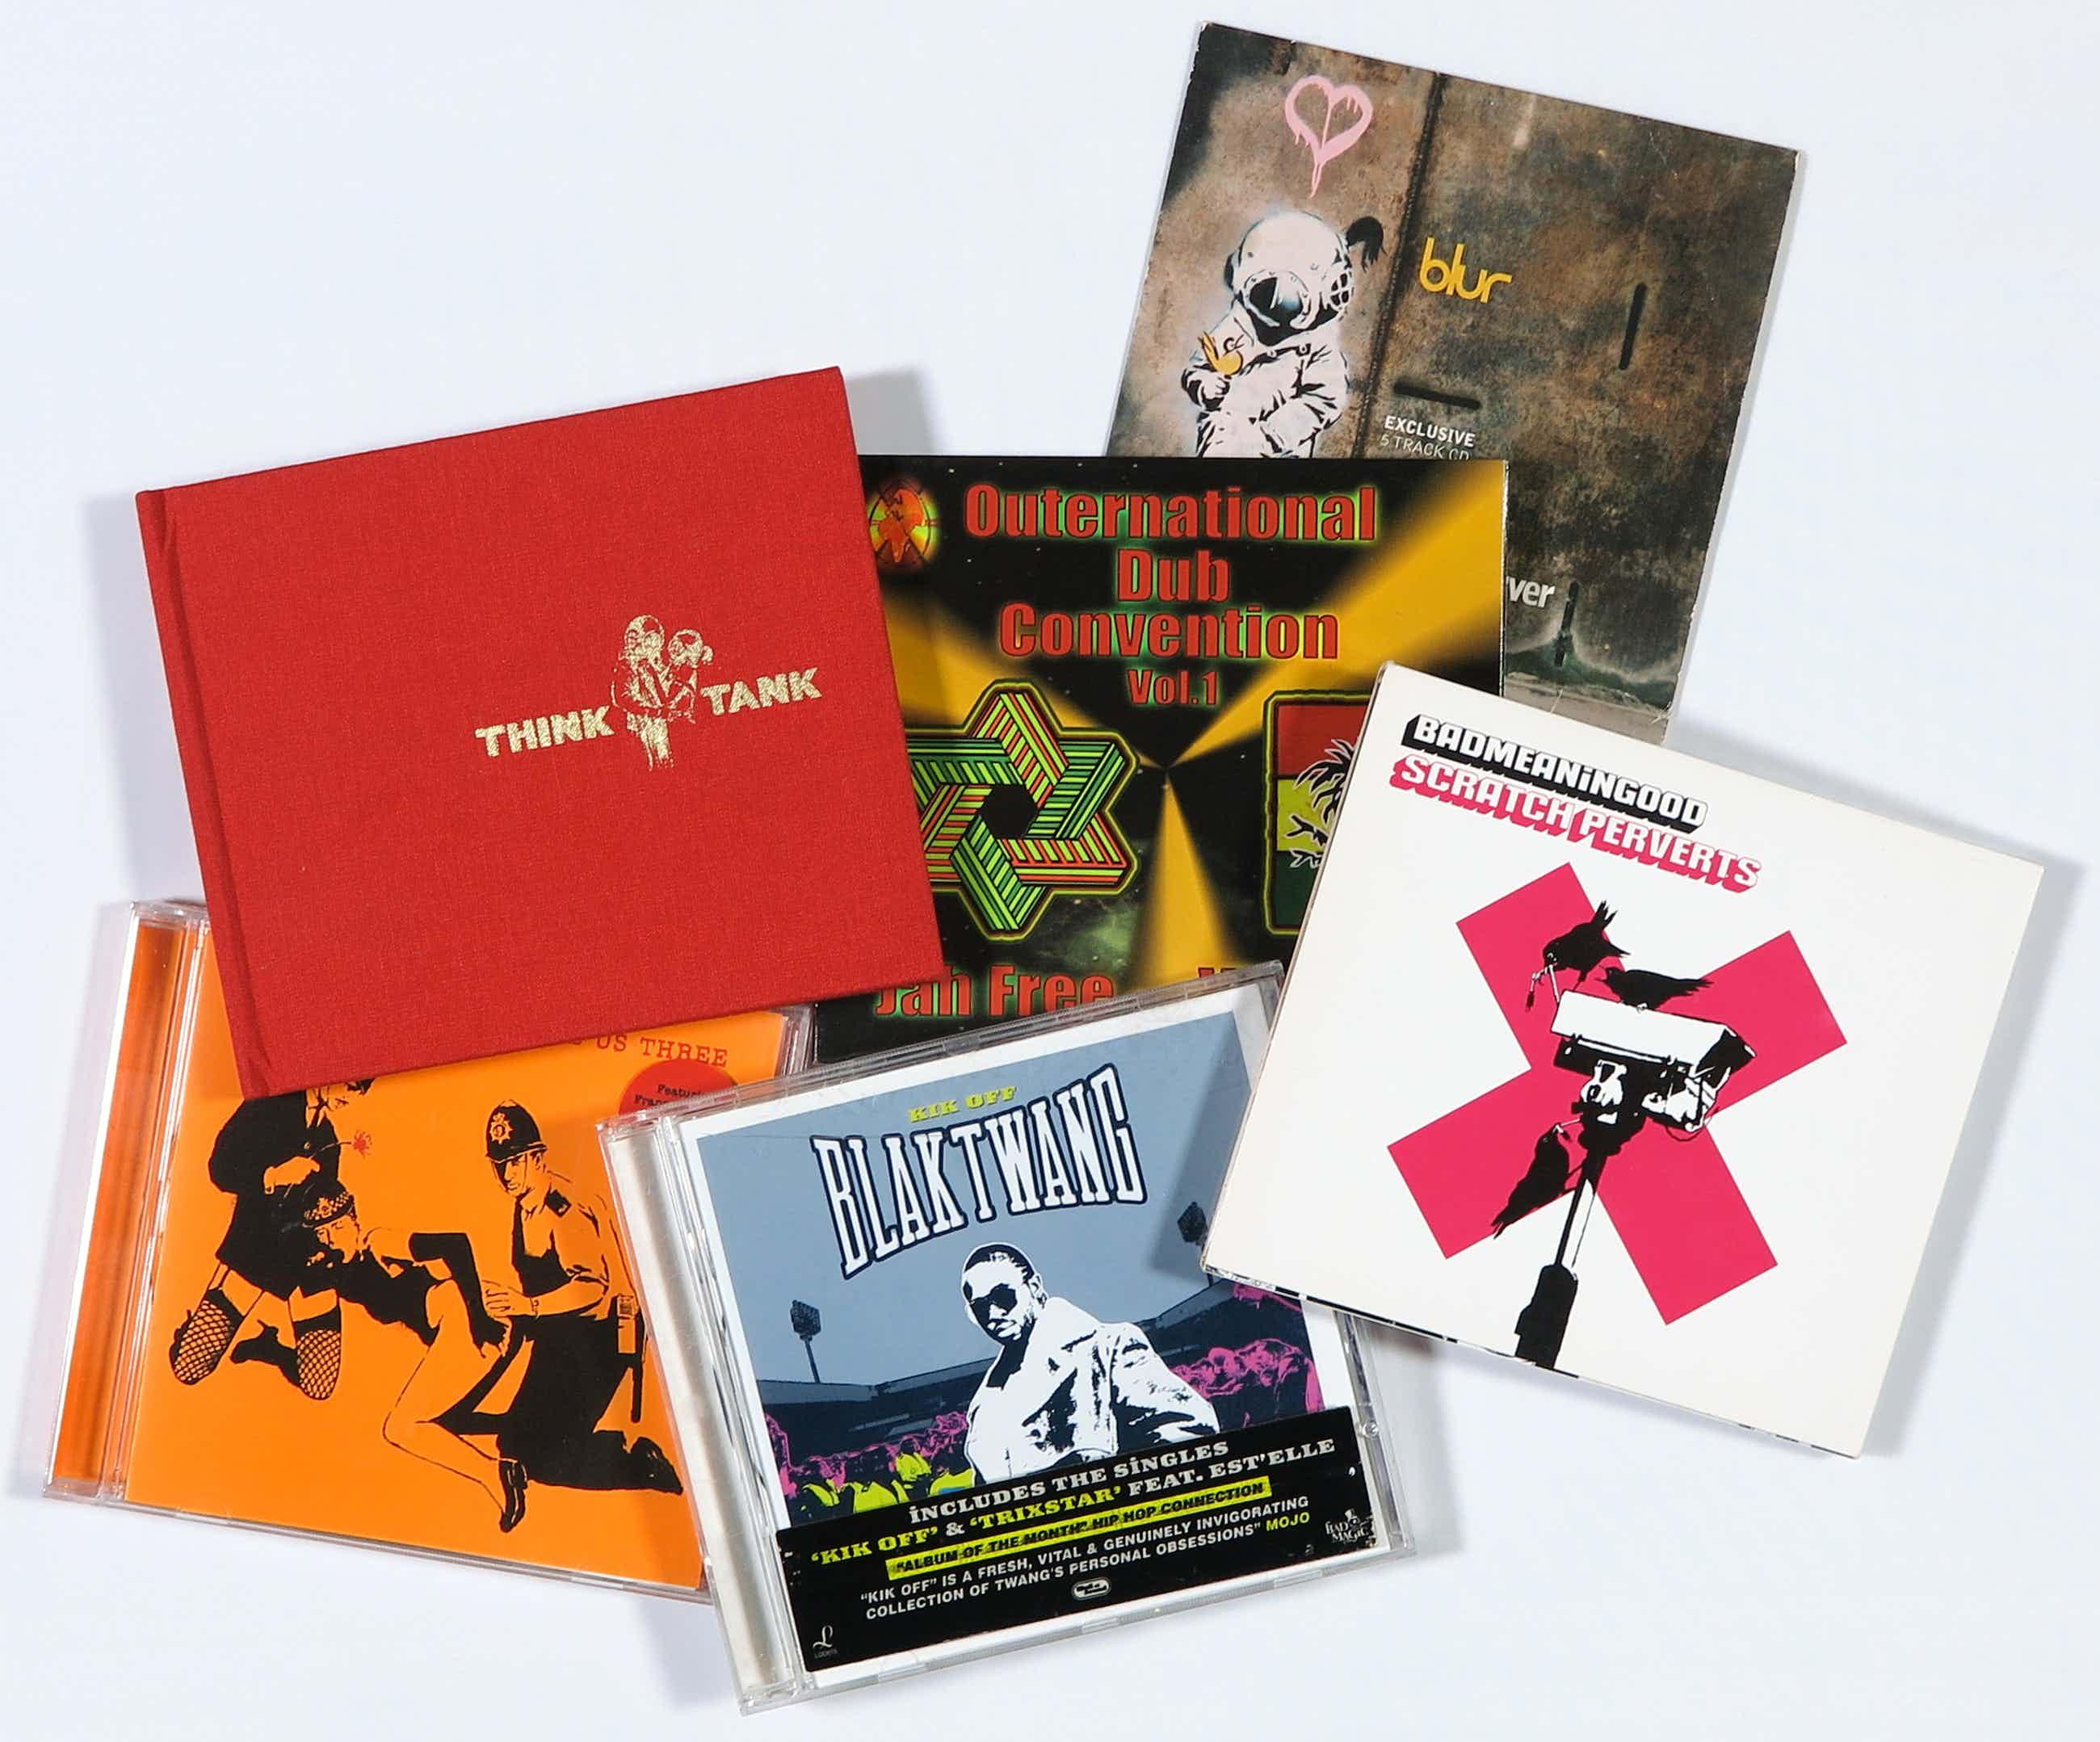 Banksy - Lot van zes CD's, o.a. Badmeaninggood vol. 4 door Scratch Perverts en Blaktwang kopen? Bied vanaf 150!